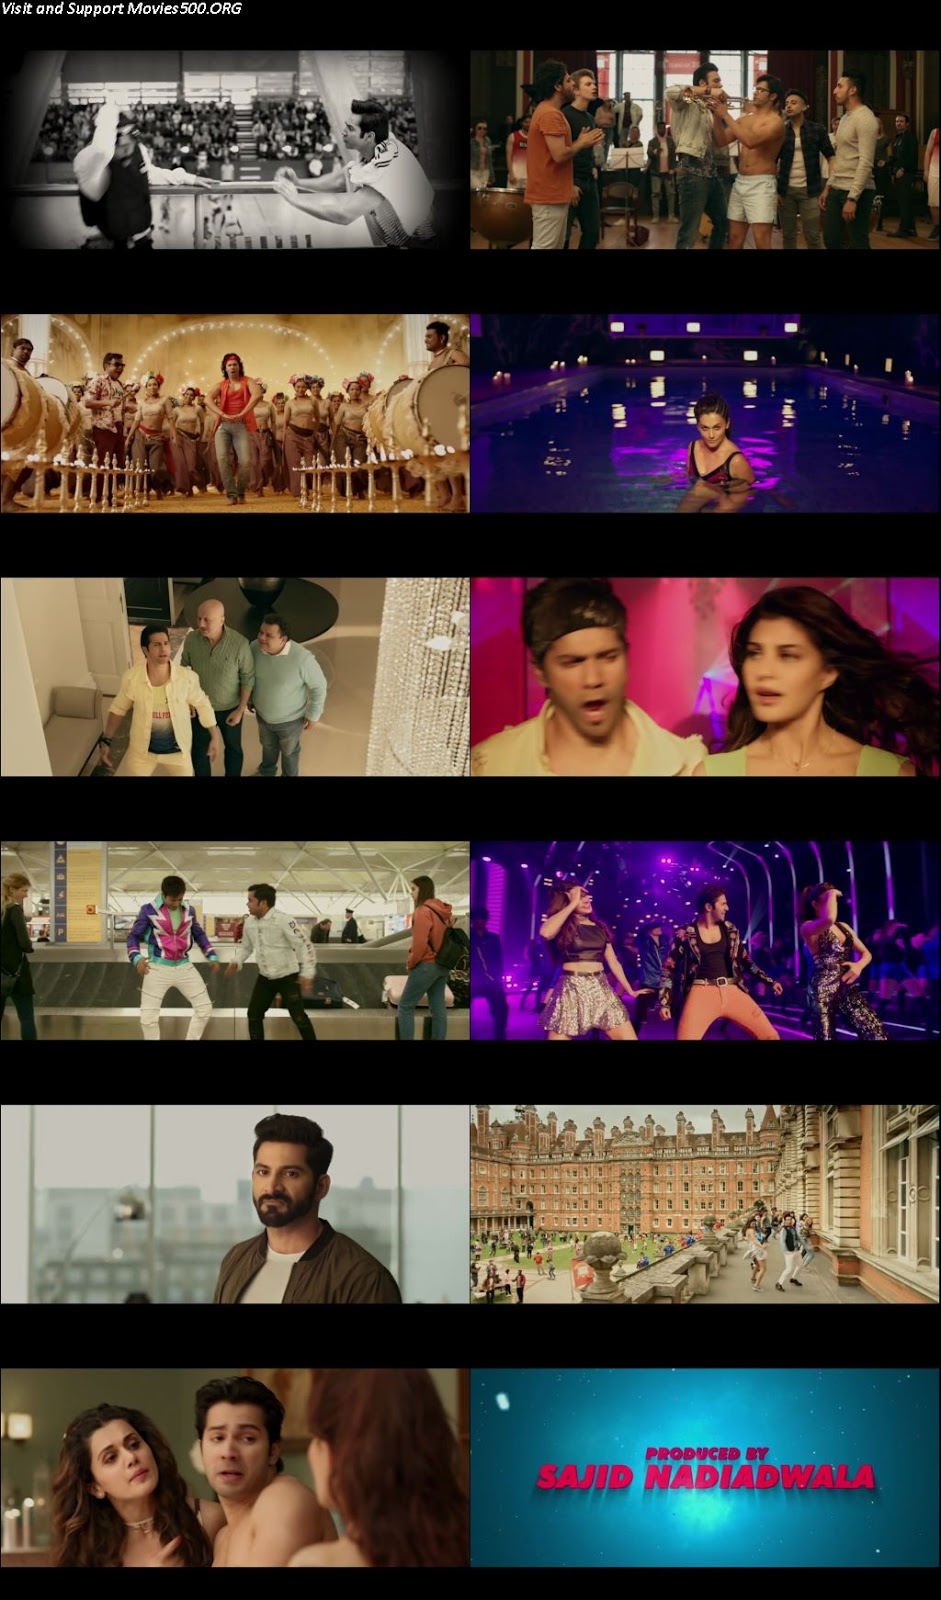 Judwaa 2 2017 Hindi Movie Official Trailer Download 720P at movies500.org